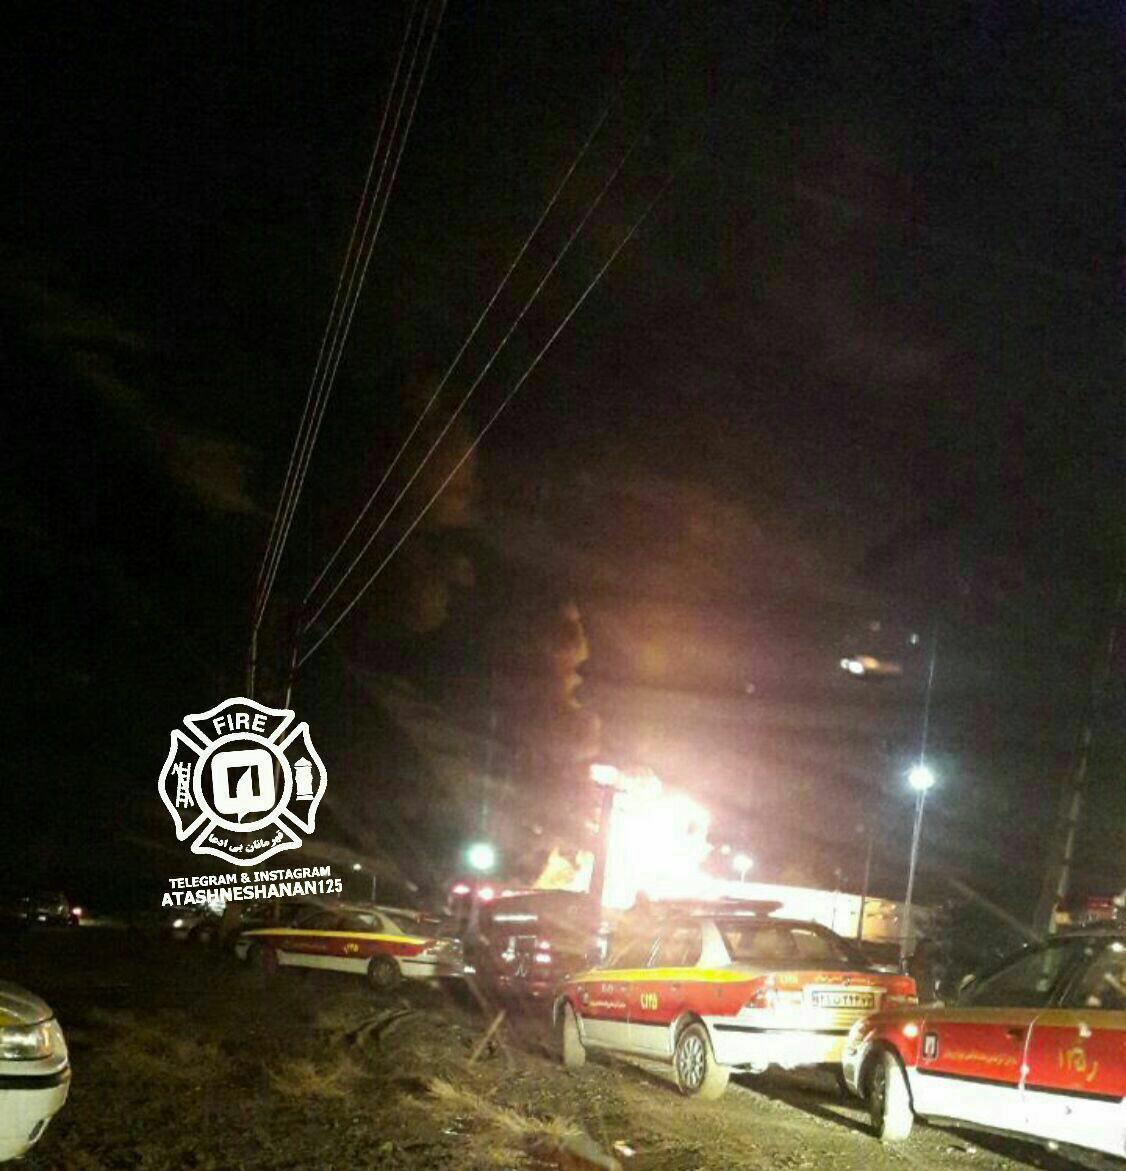 جزئیات آتش سوزی در پالایشگاه شهید تندگویان +عکس